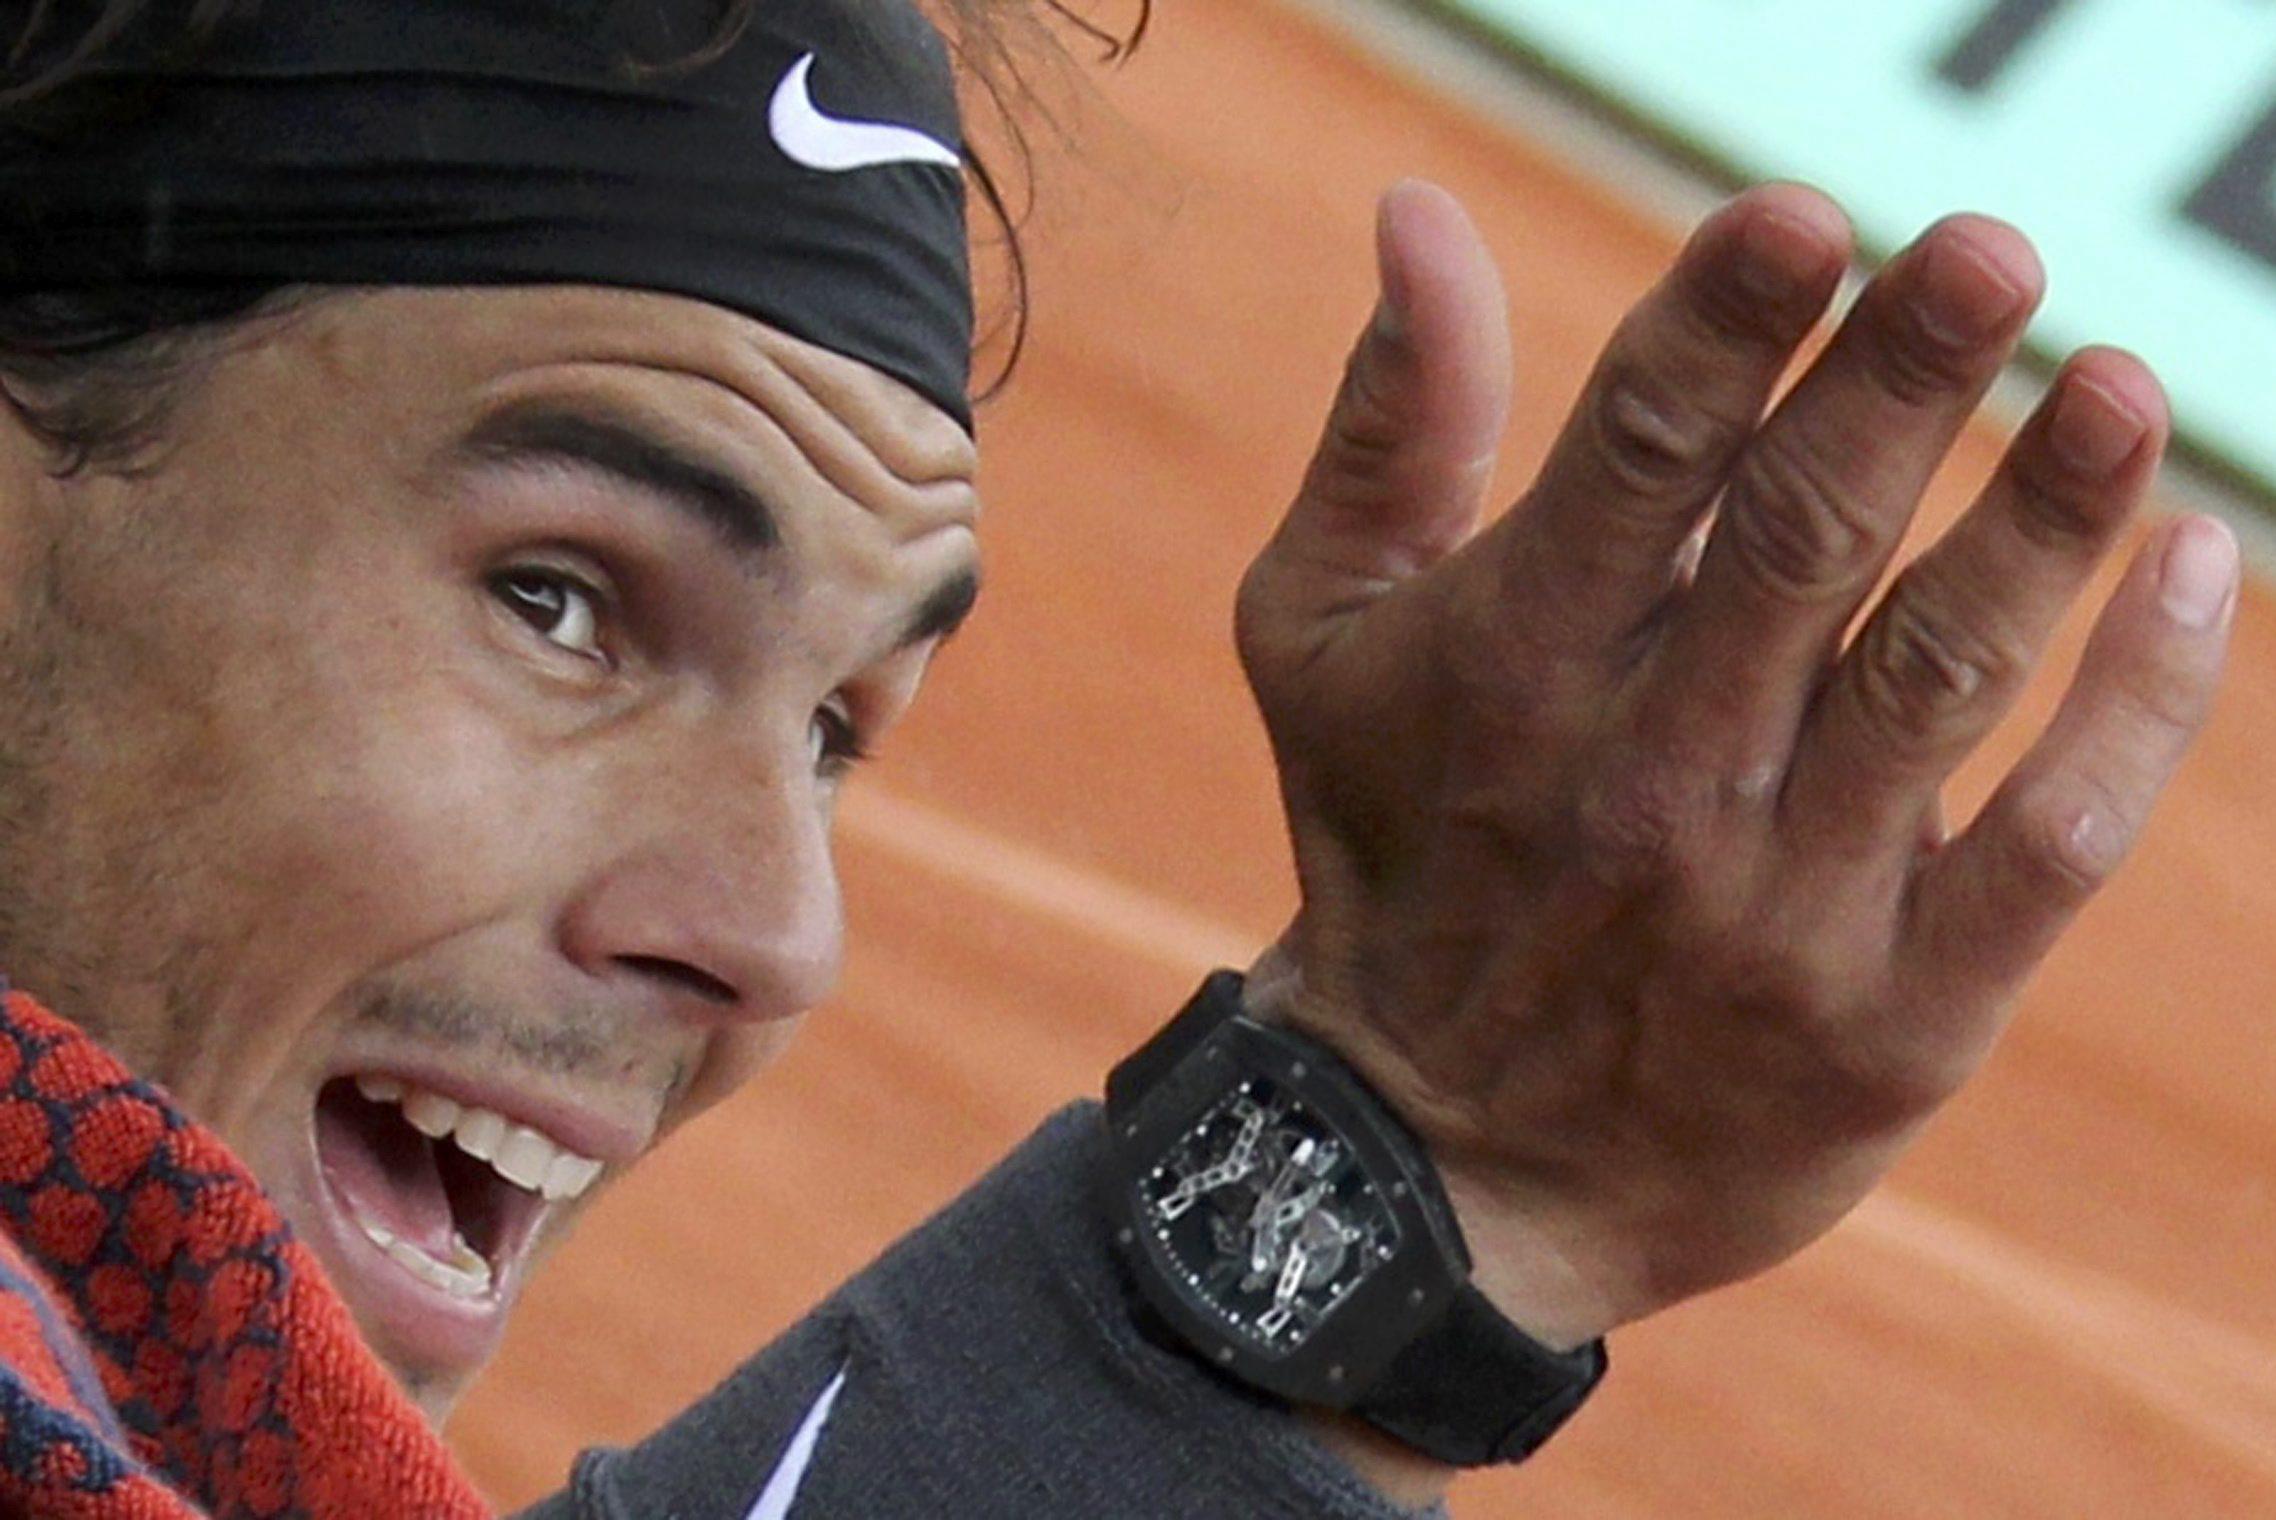 Rafael Nadal Odzyskal Swoj Skradziony Zegarek